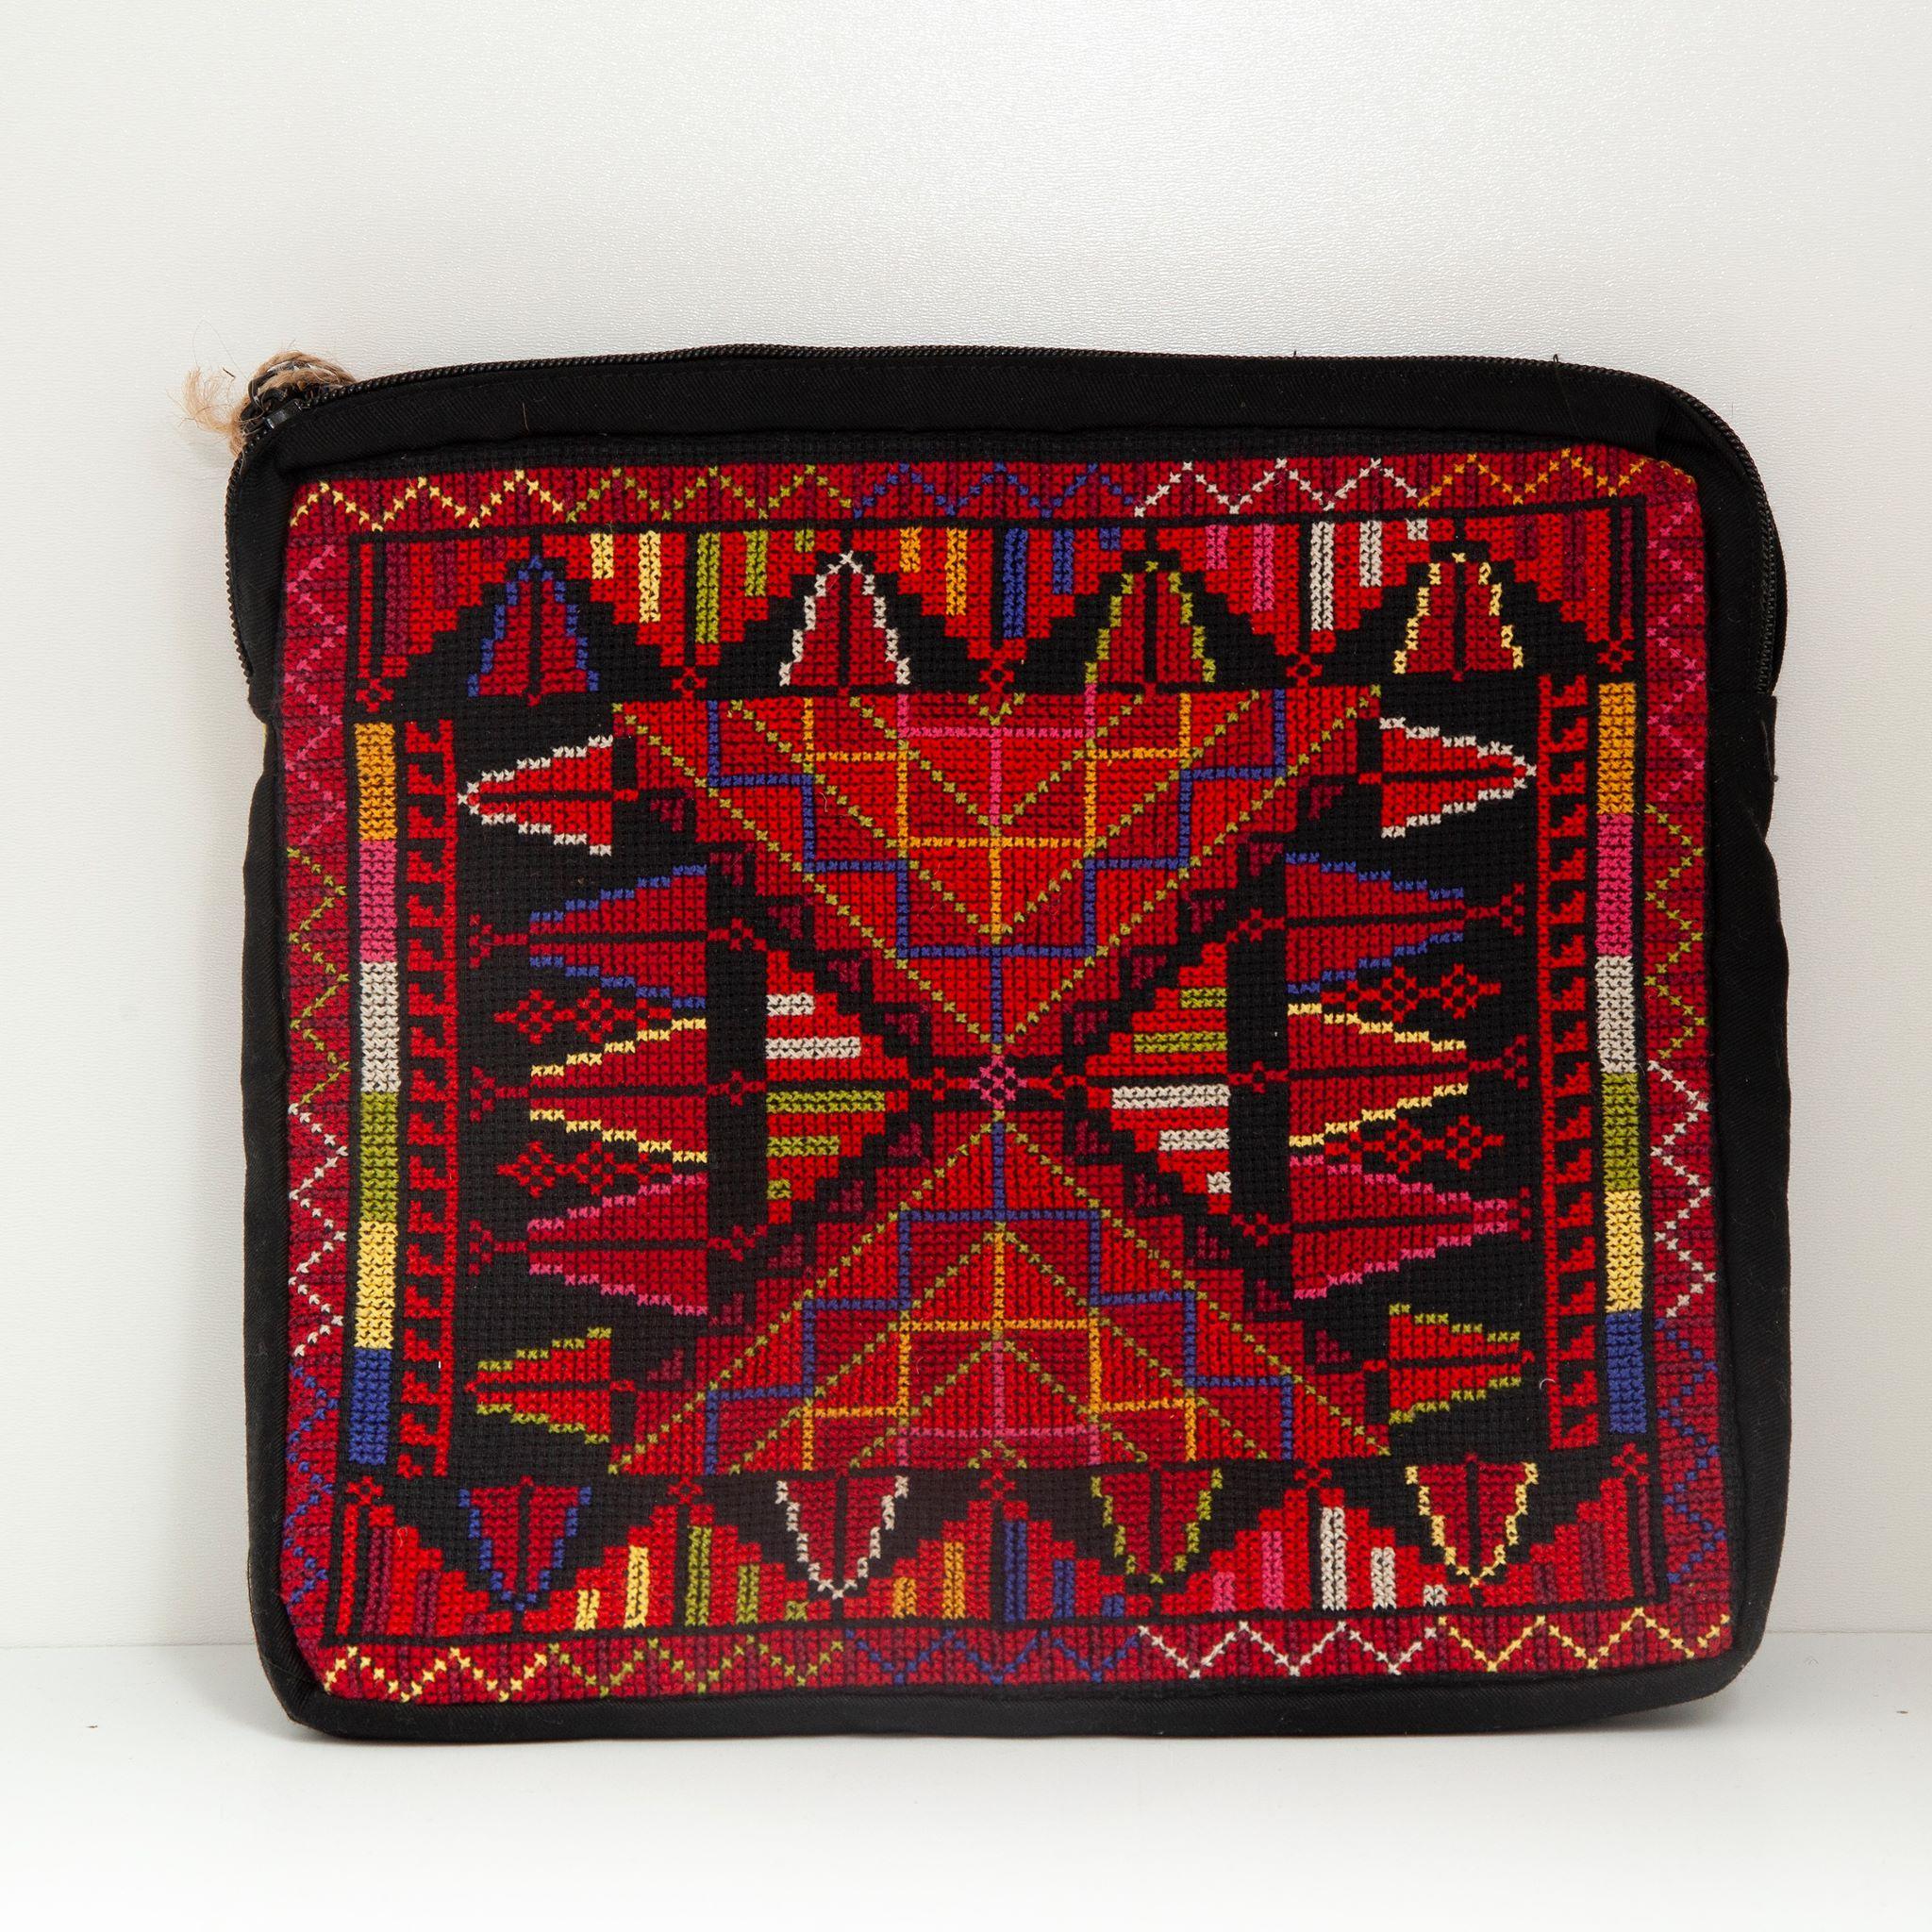 Brodert iPad-veske, svart og rød